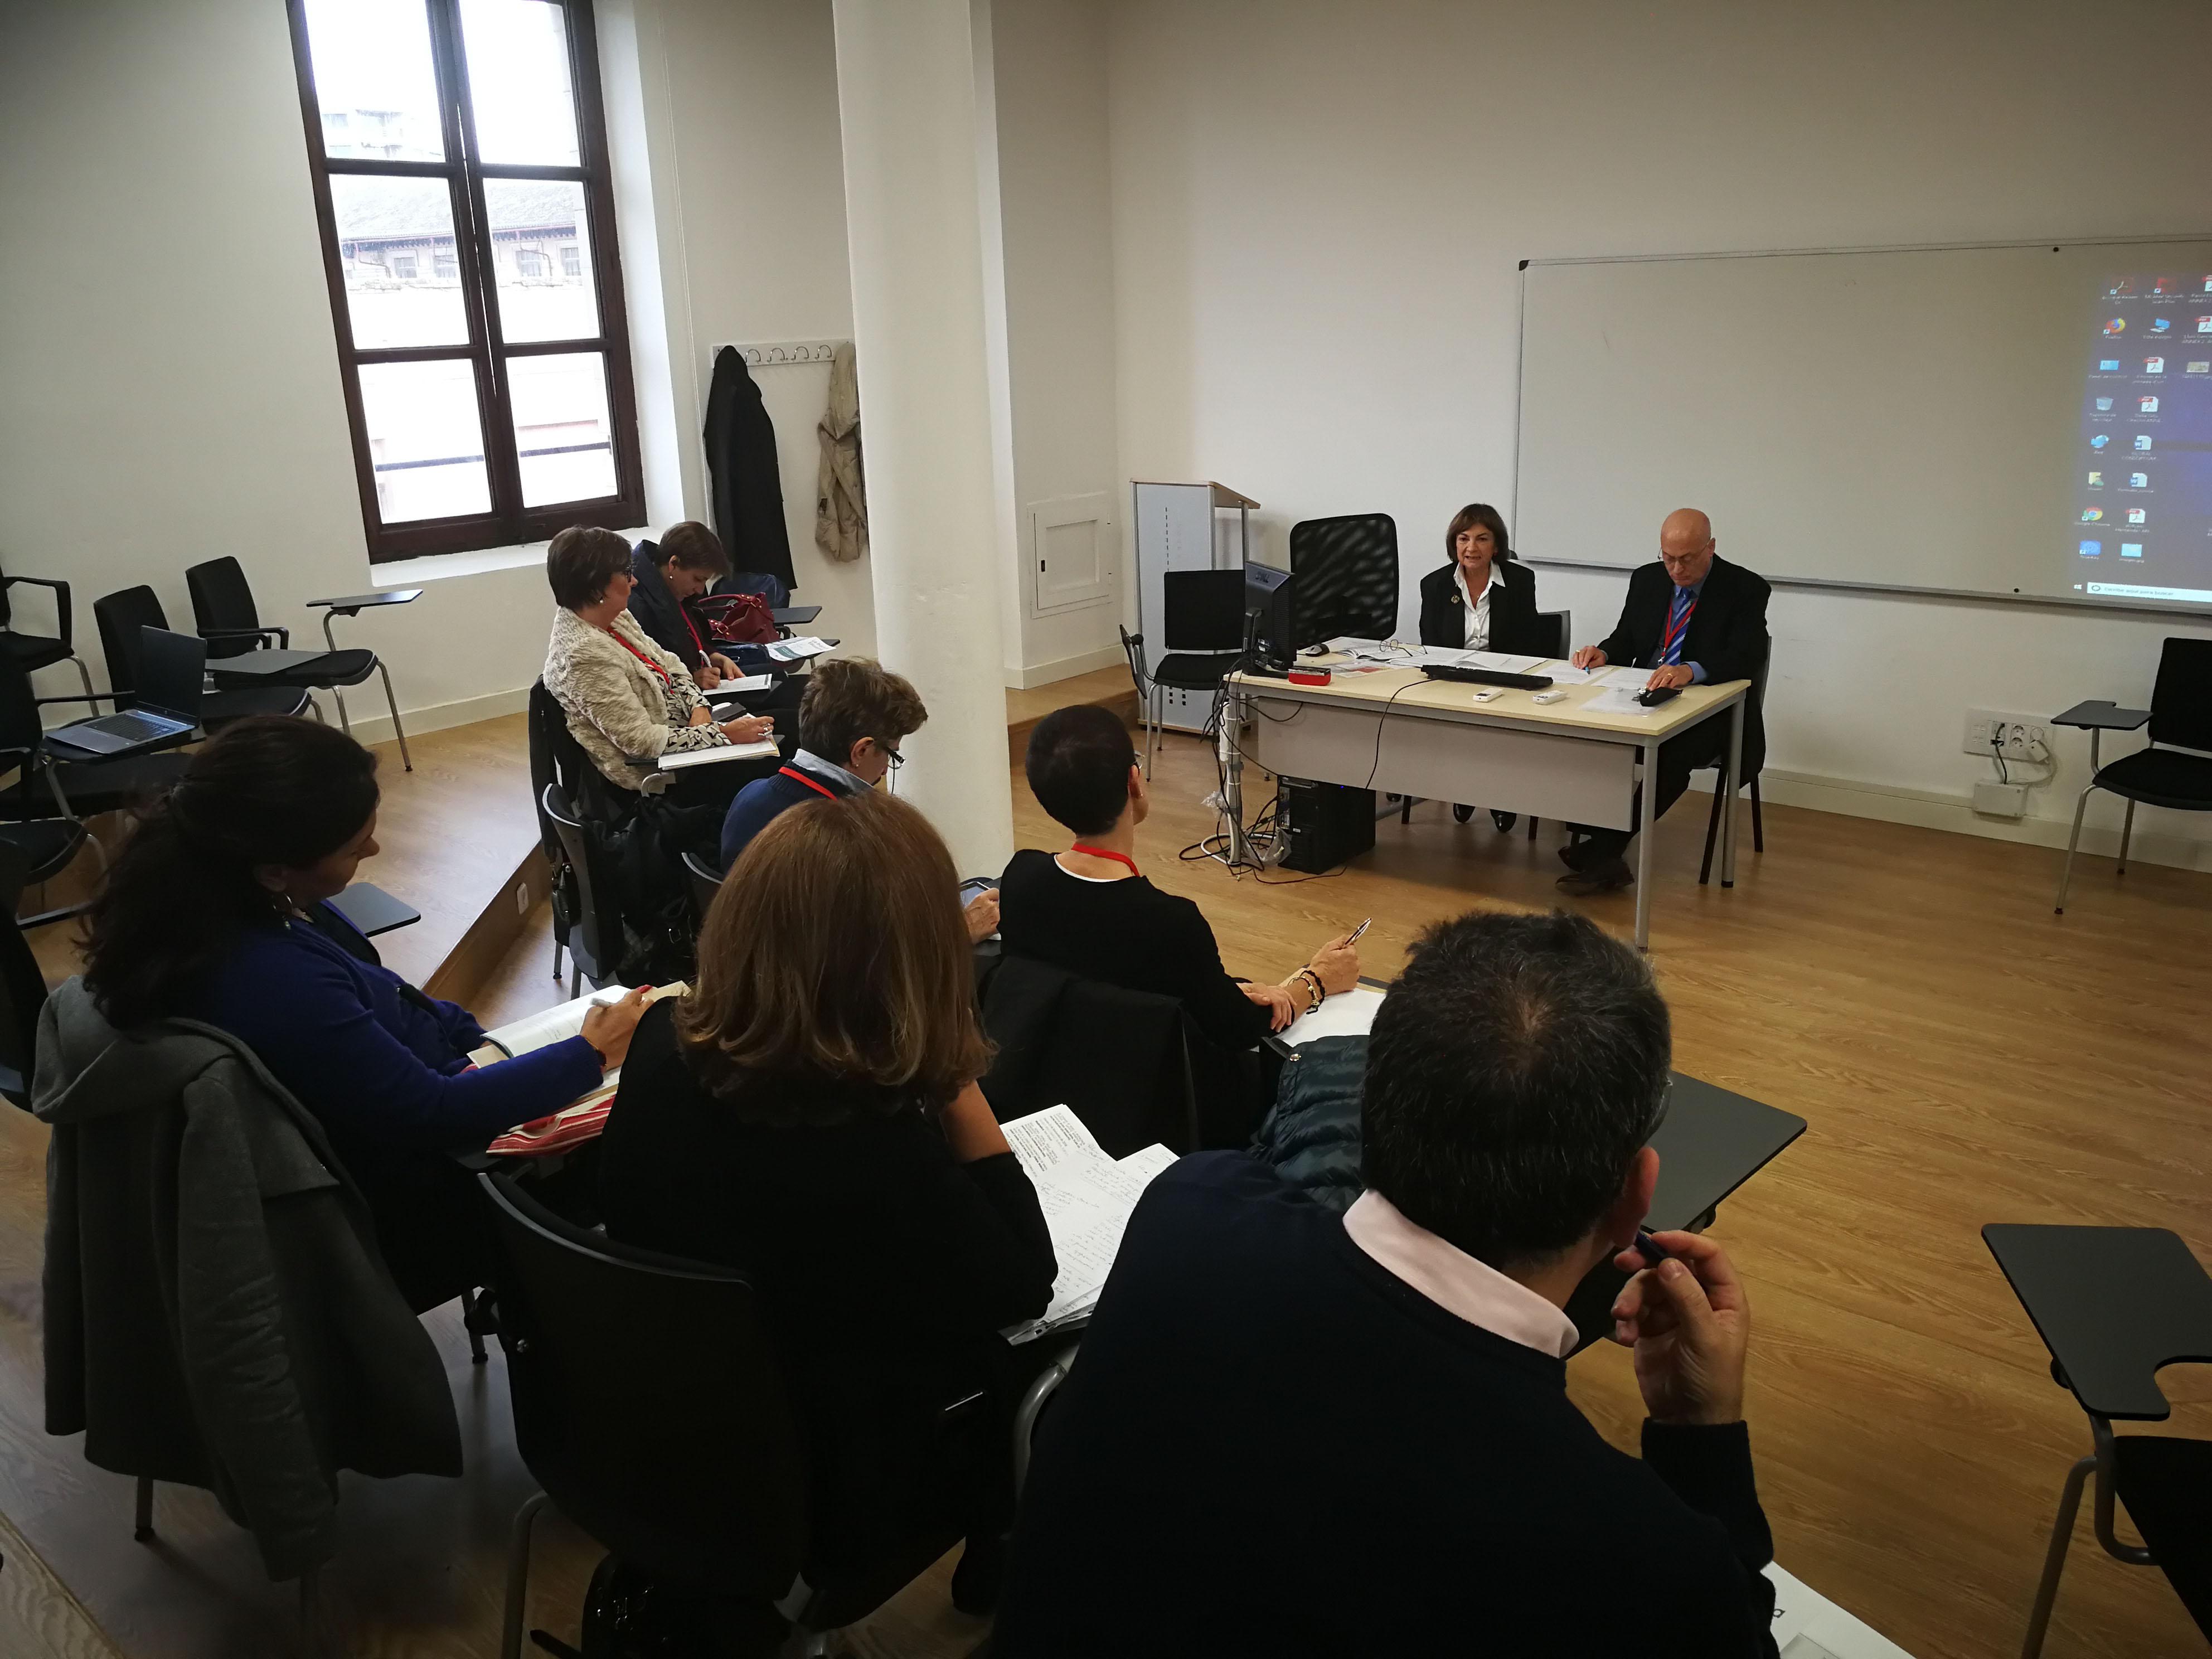 La practica educativa_PalmadiMaiorca-153842